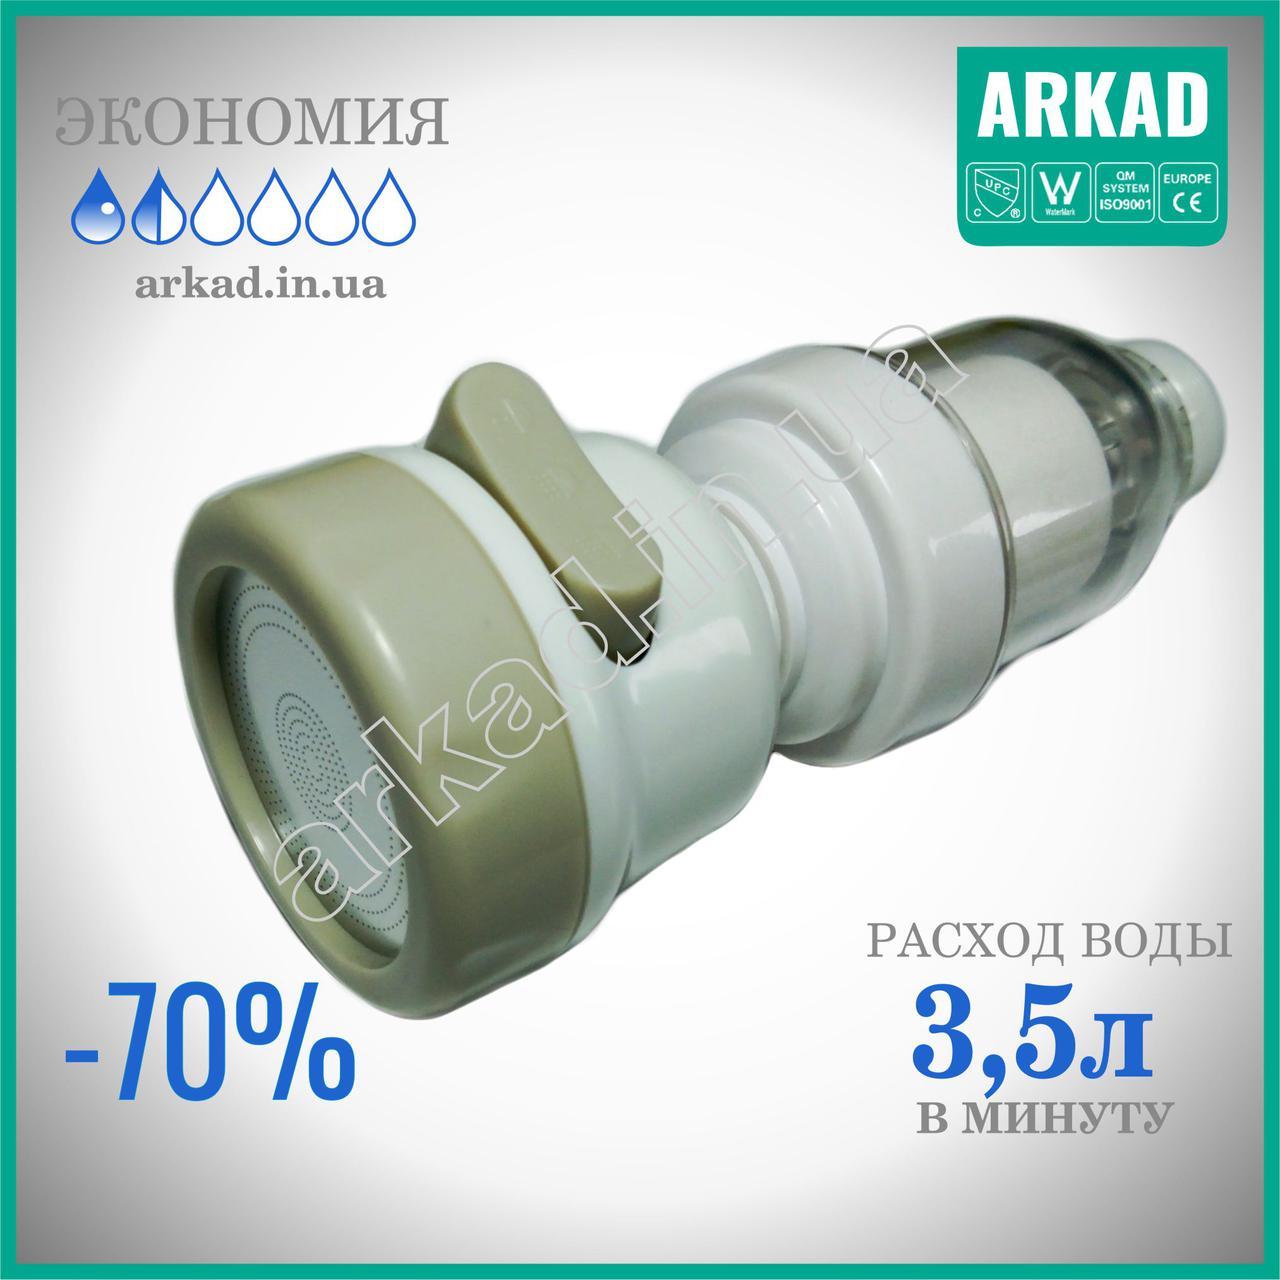 Насадка для смесителя - 3 режиа (+фильтр) - 3,5 л/мин